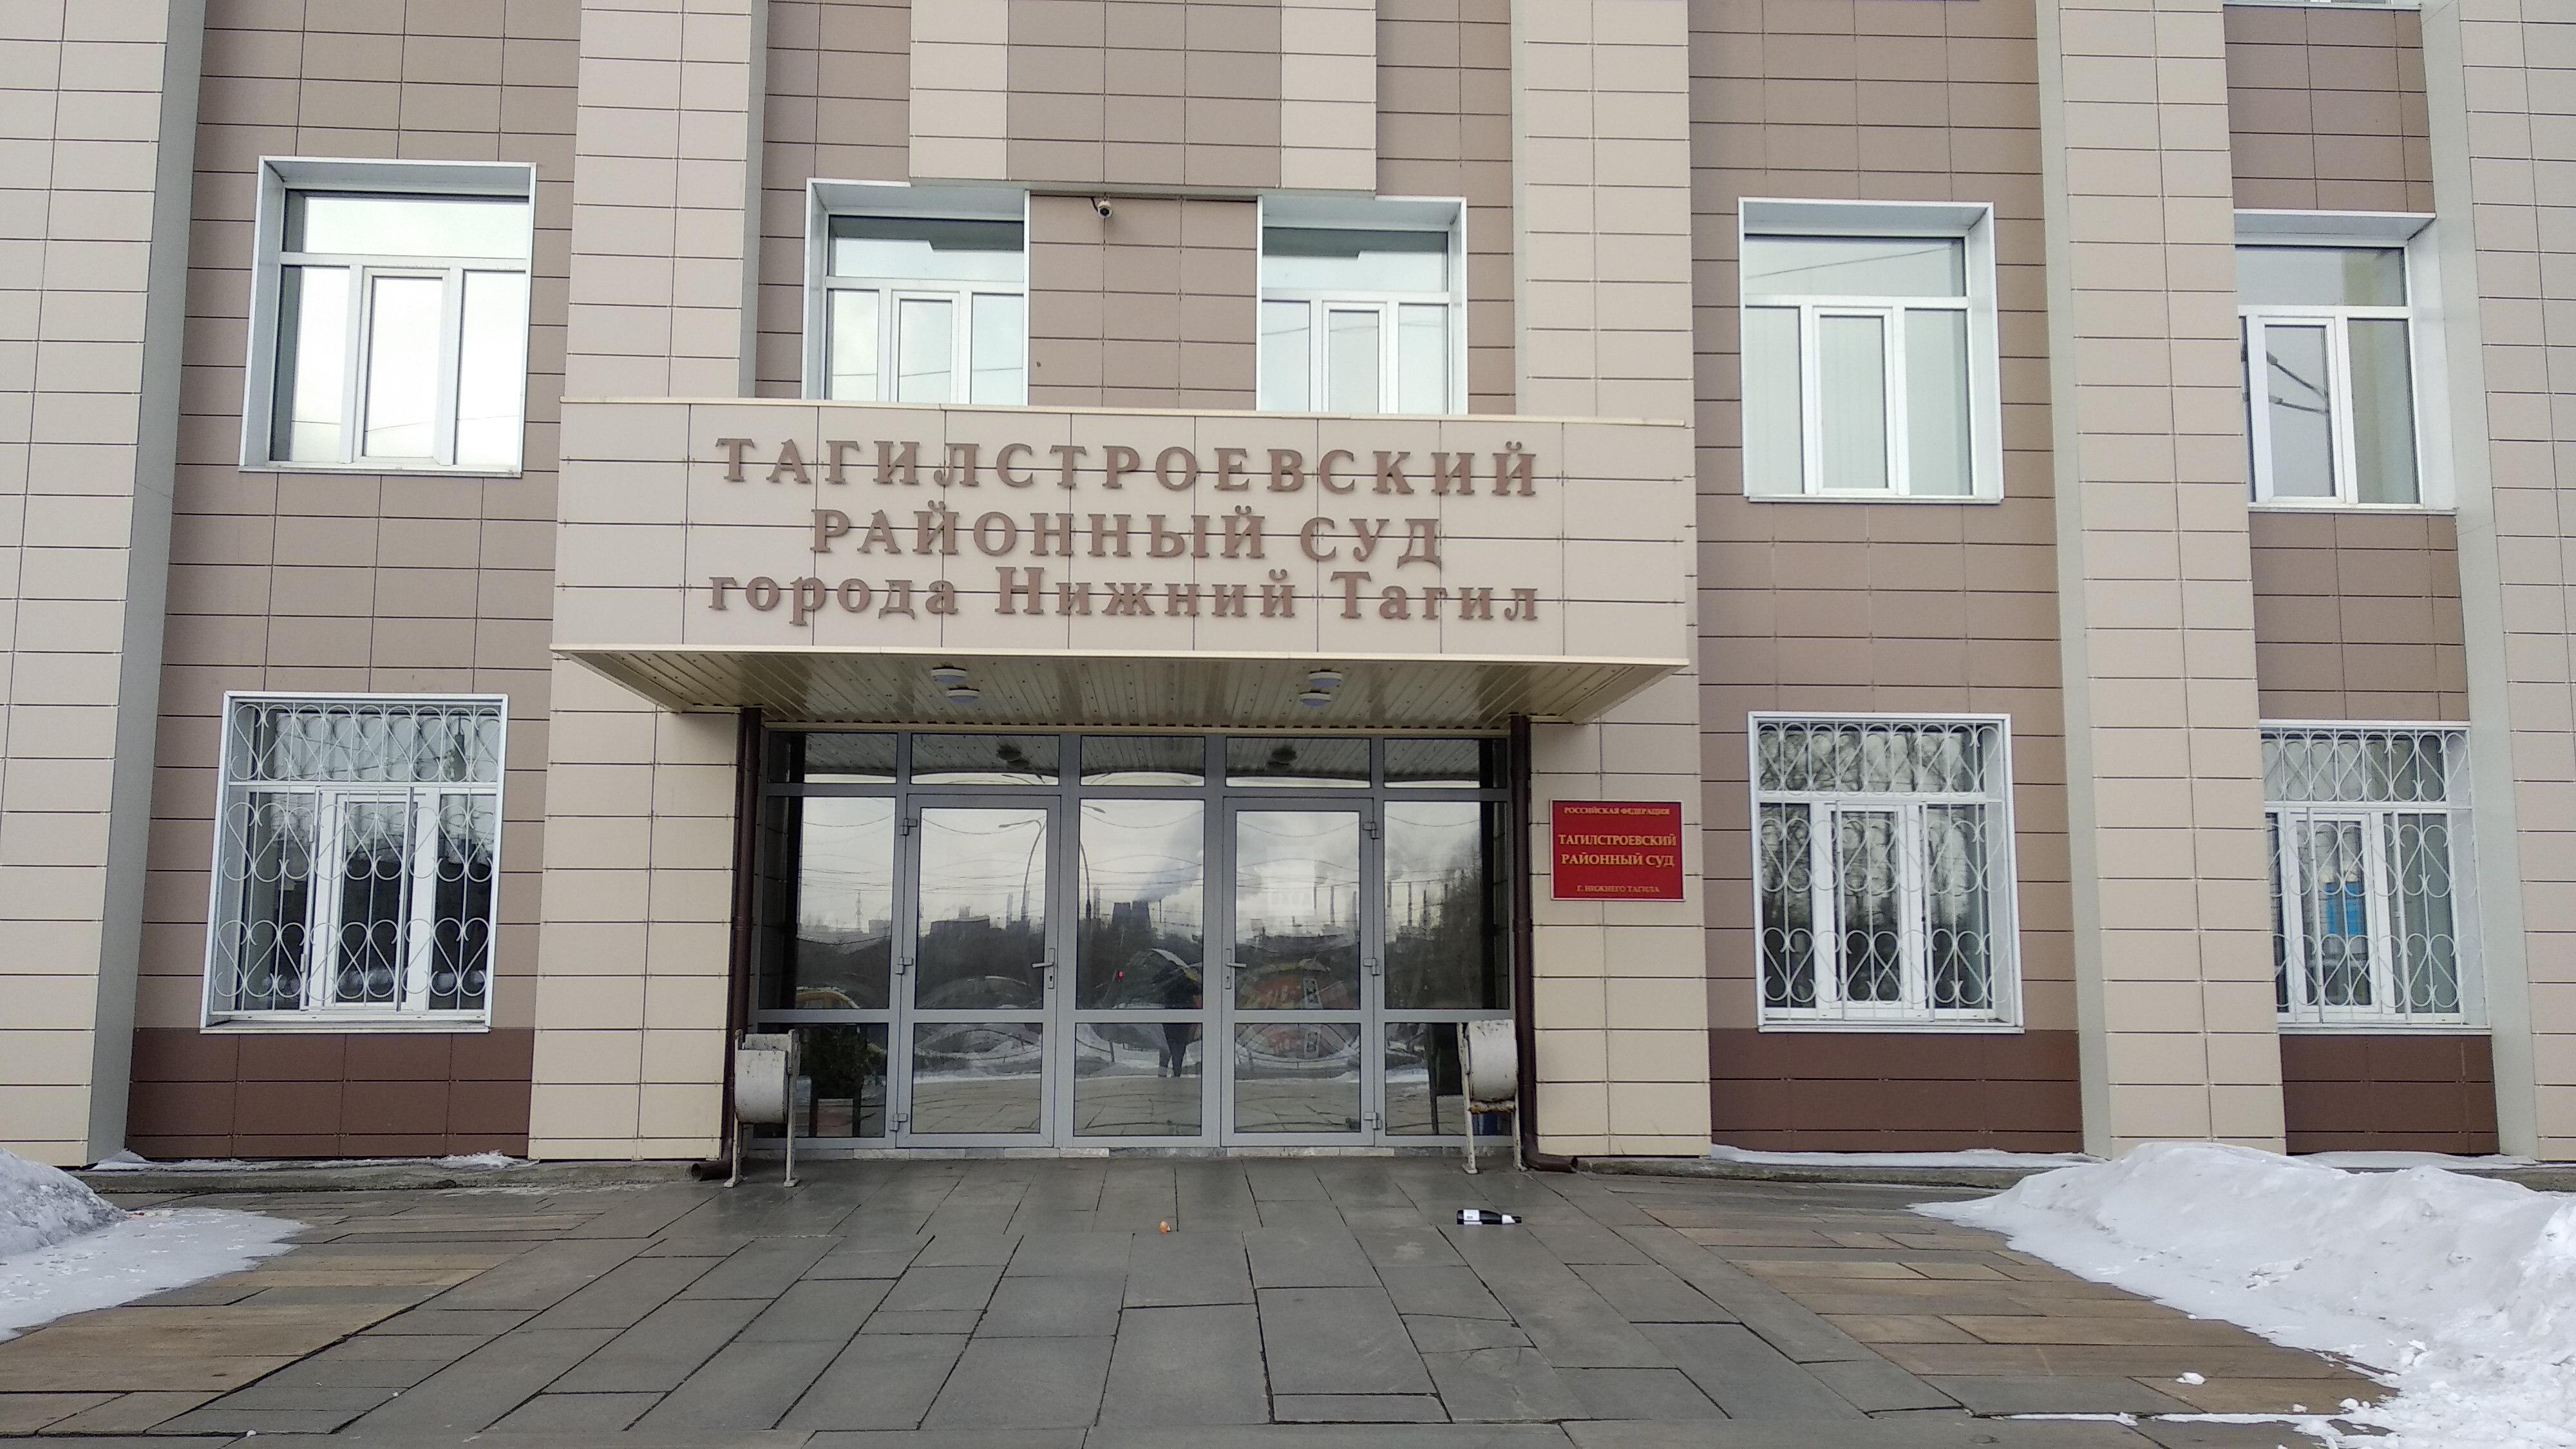 Новые послабления получения гражданства рф для украинцев